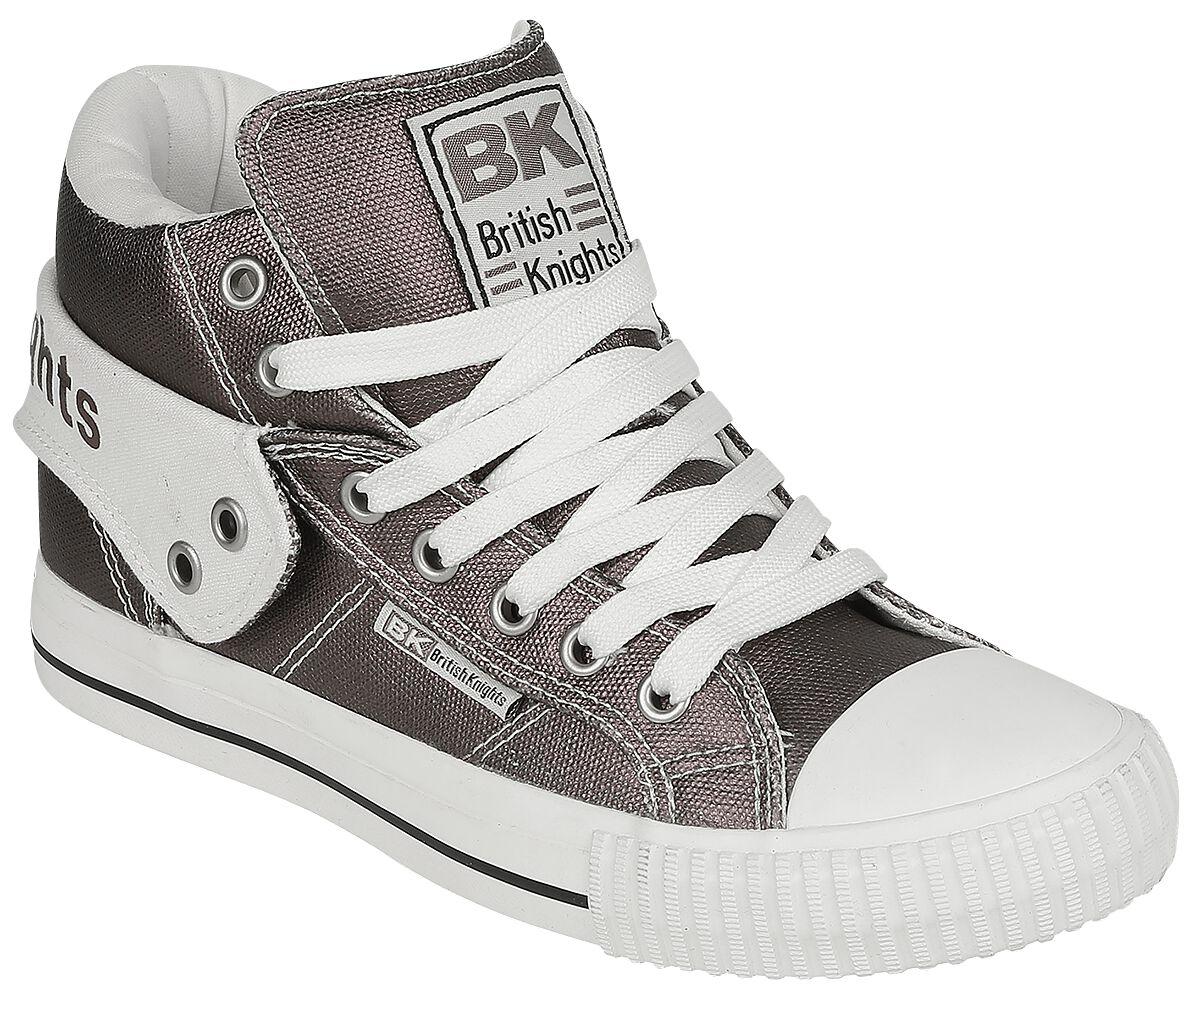 Sneakers für Frauen - British Knights Roco Sneaker kupferfarben  - Onlineshop EMP